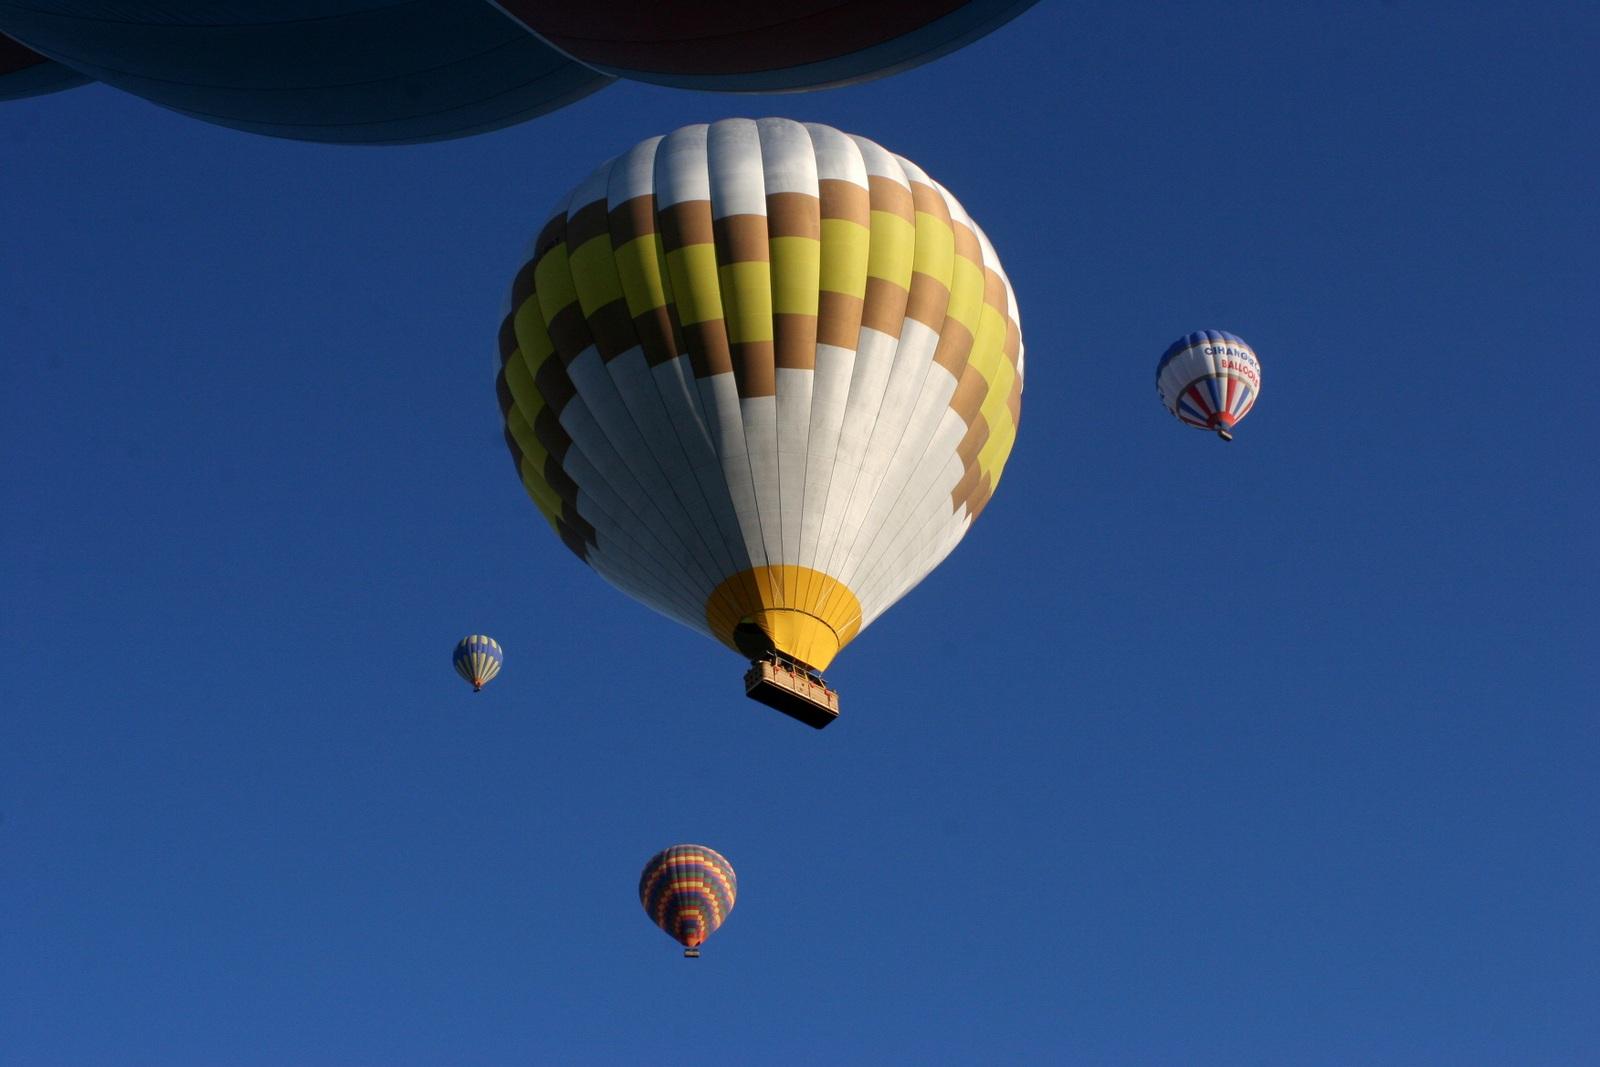 turkki-kappadokia-kuumailmapallo-12